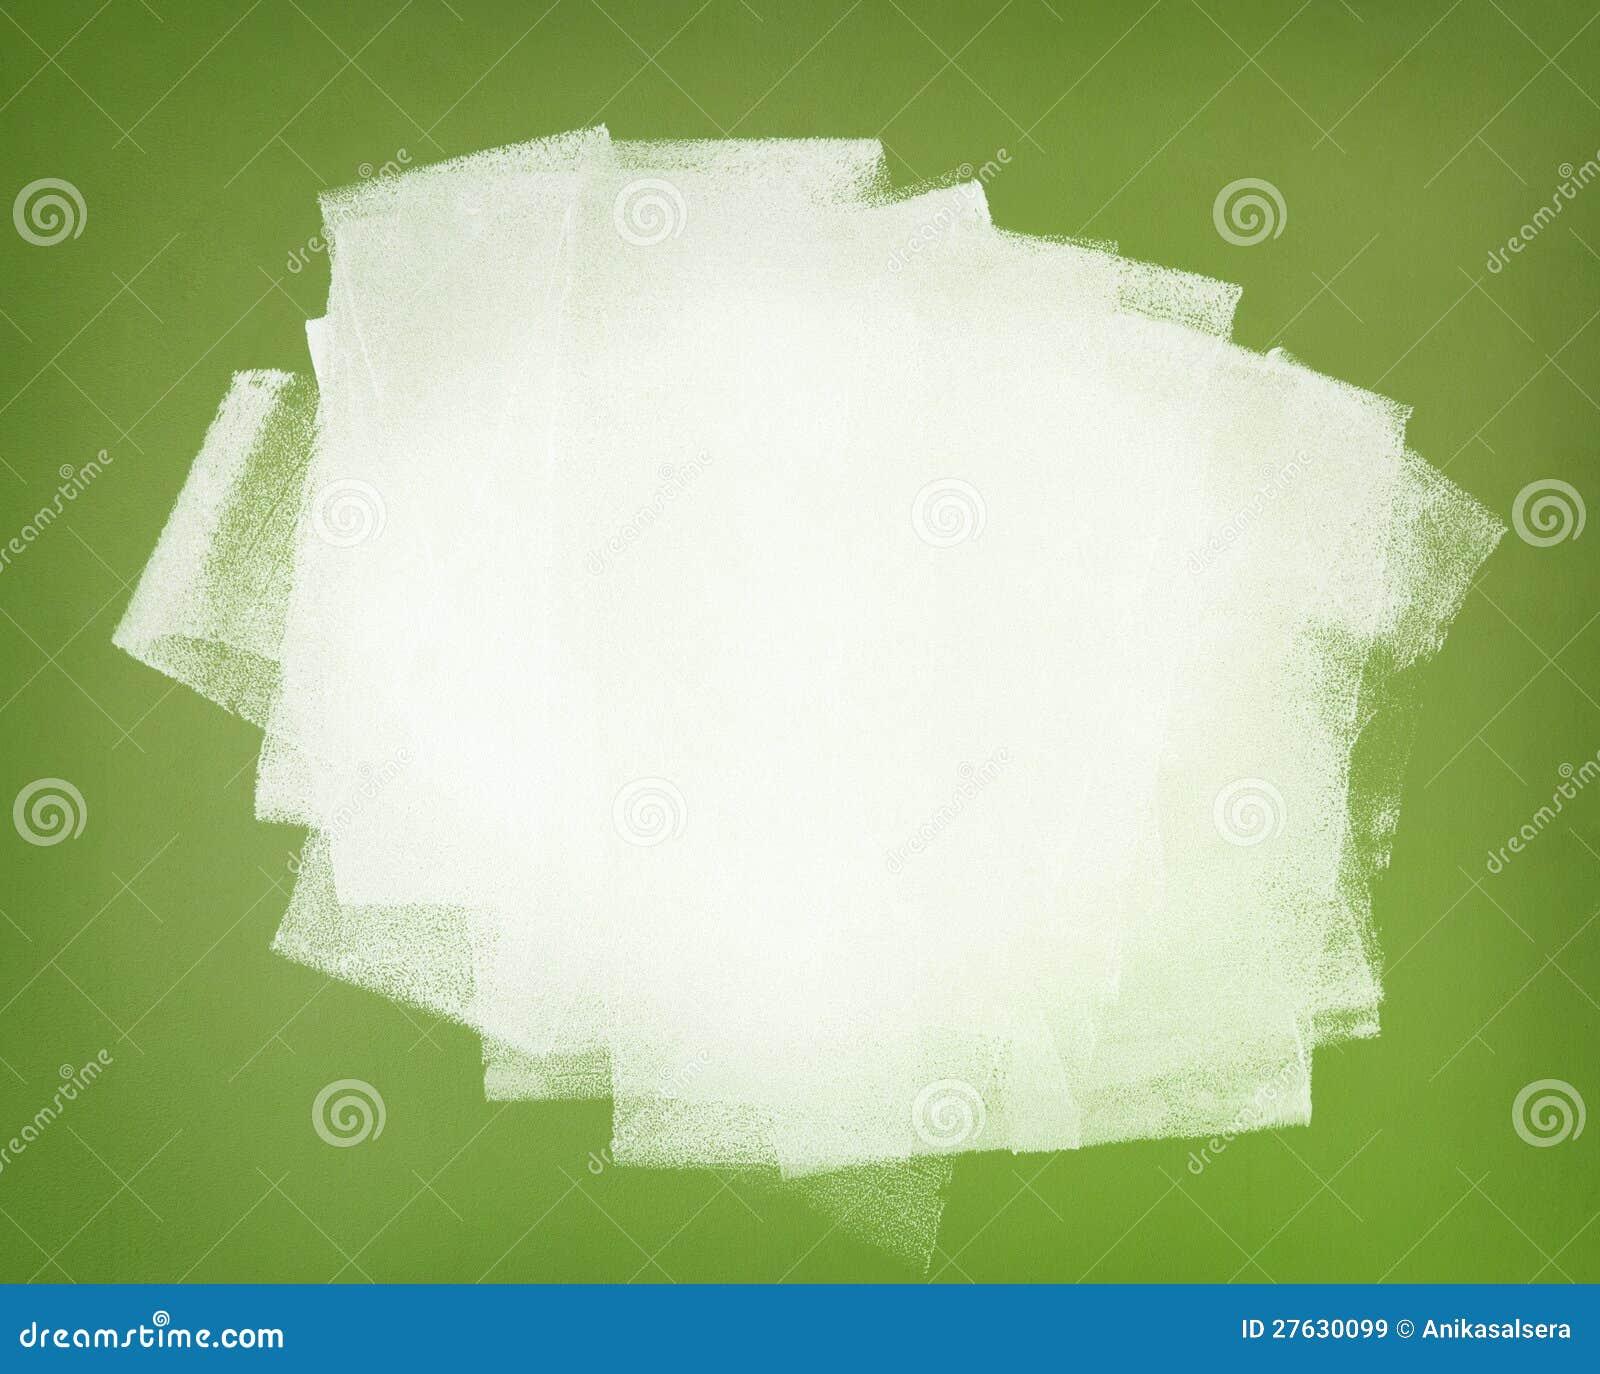 Witte verf. Penseelstreken op groene muur.